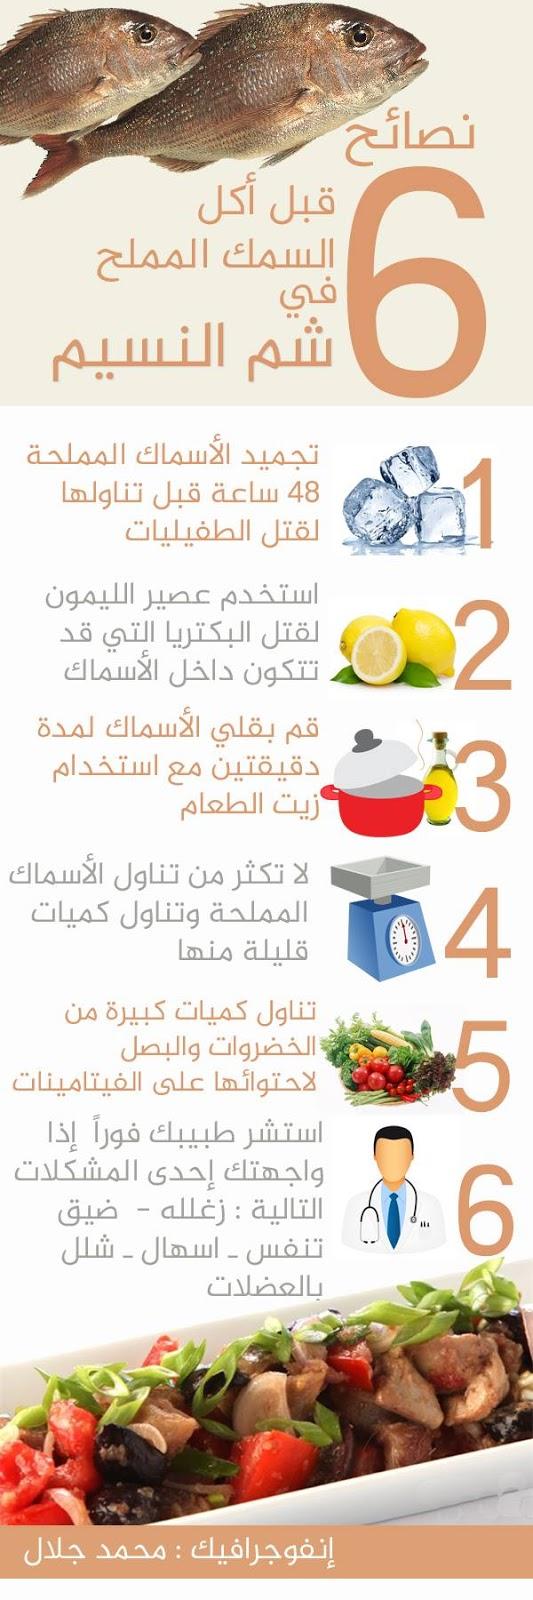 مدونة محلة دمنة 6 نصائح قبل أكل السمك المملح في شم النسيم إنفوجرافيك Infographic Aic Qoutes